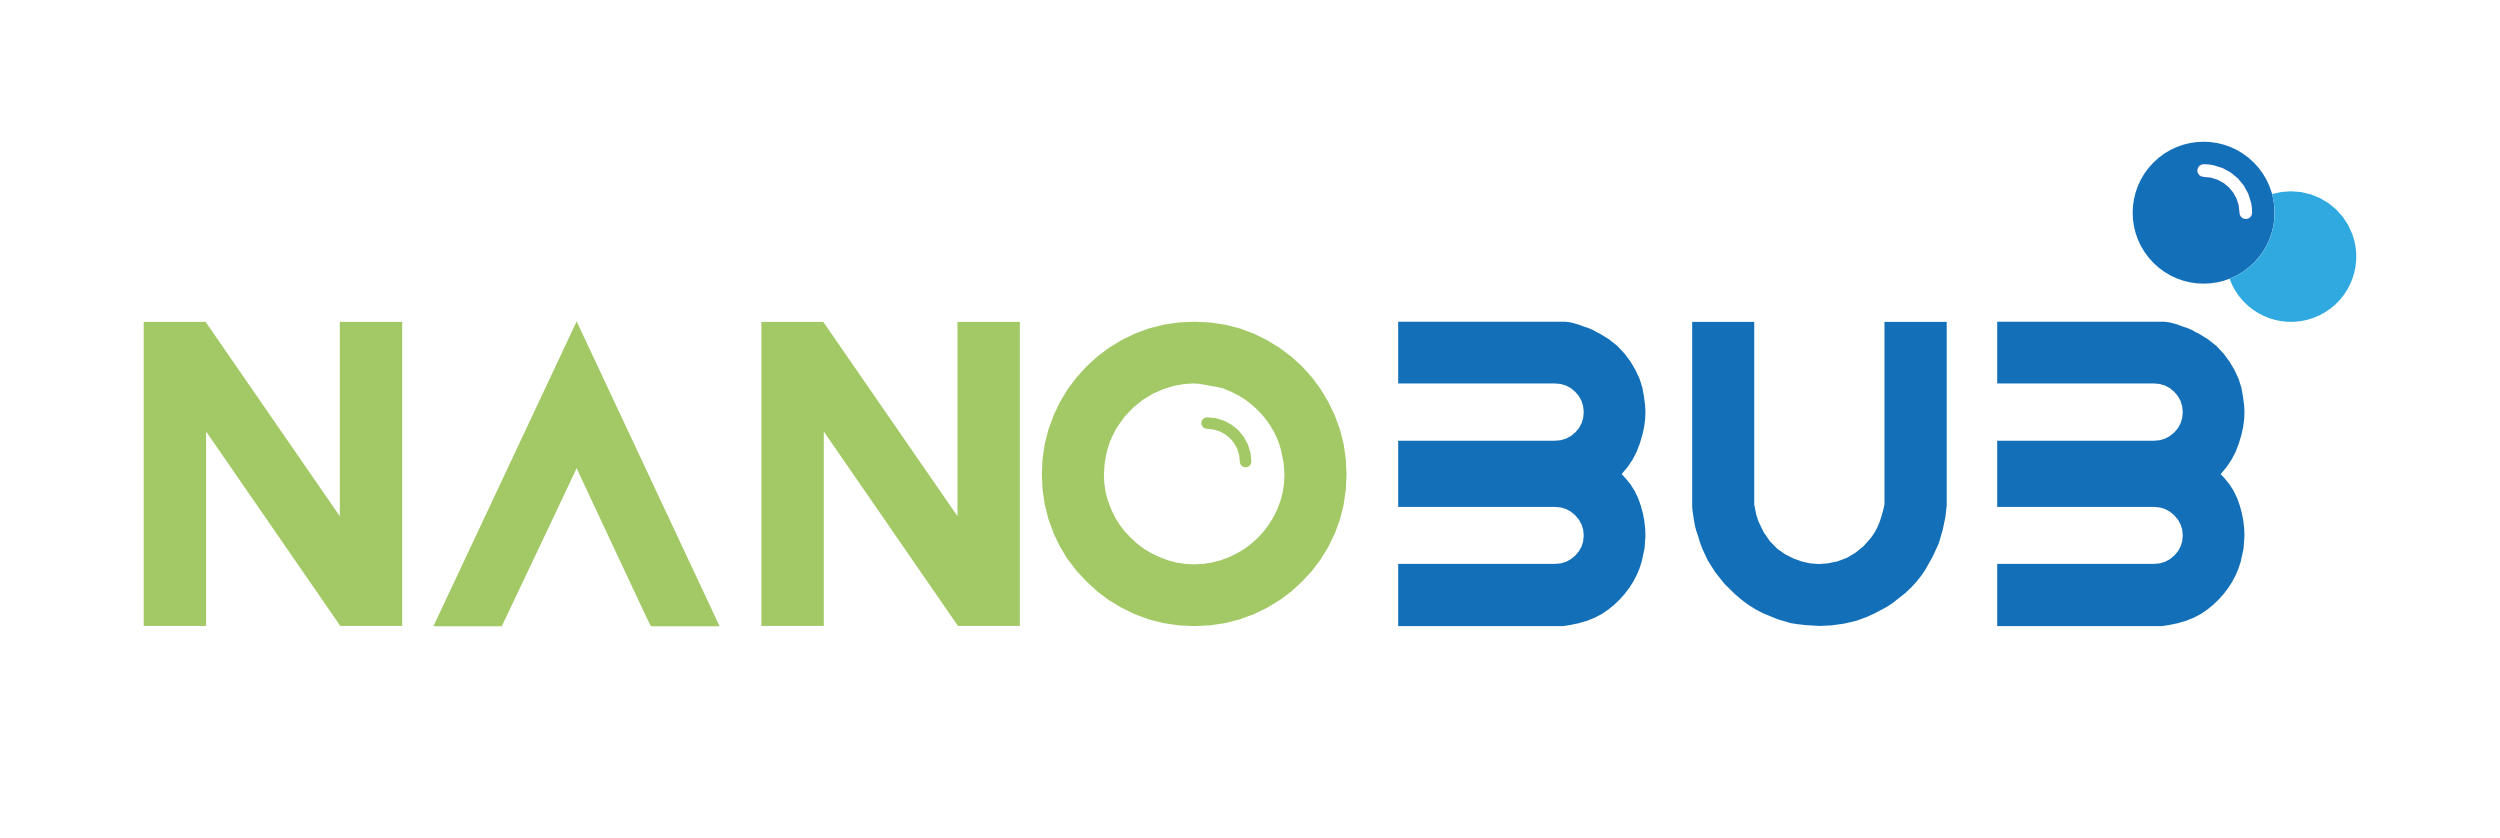 Nanobub